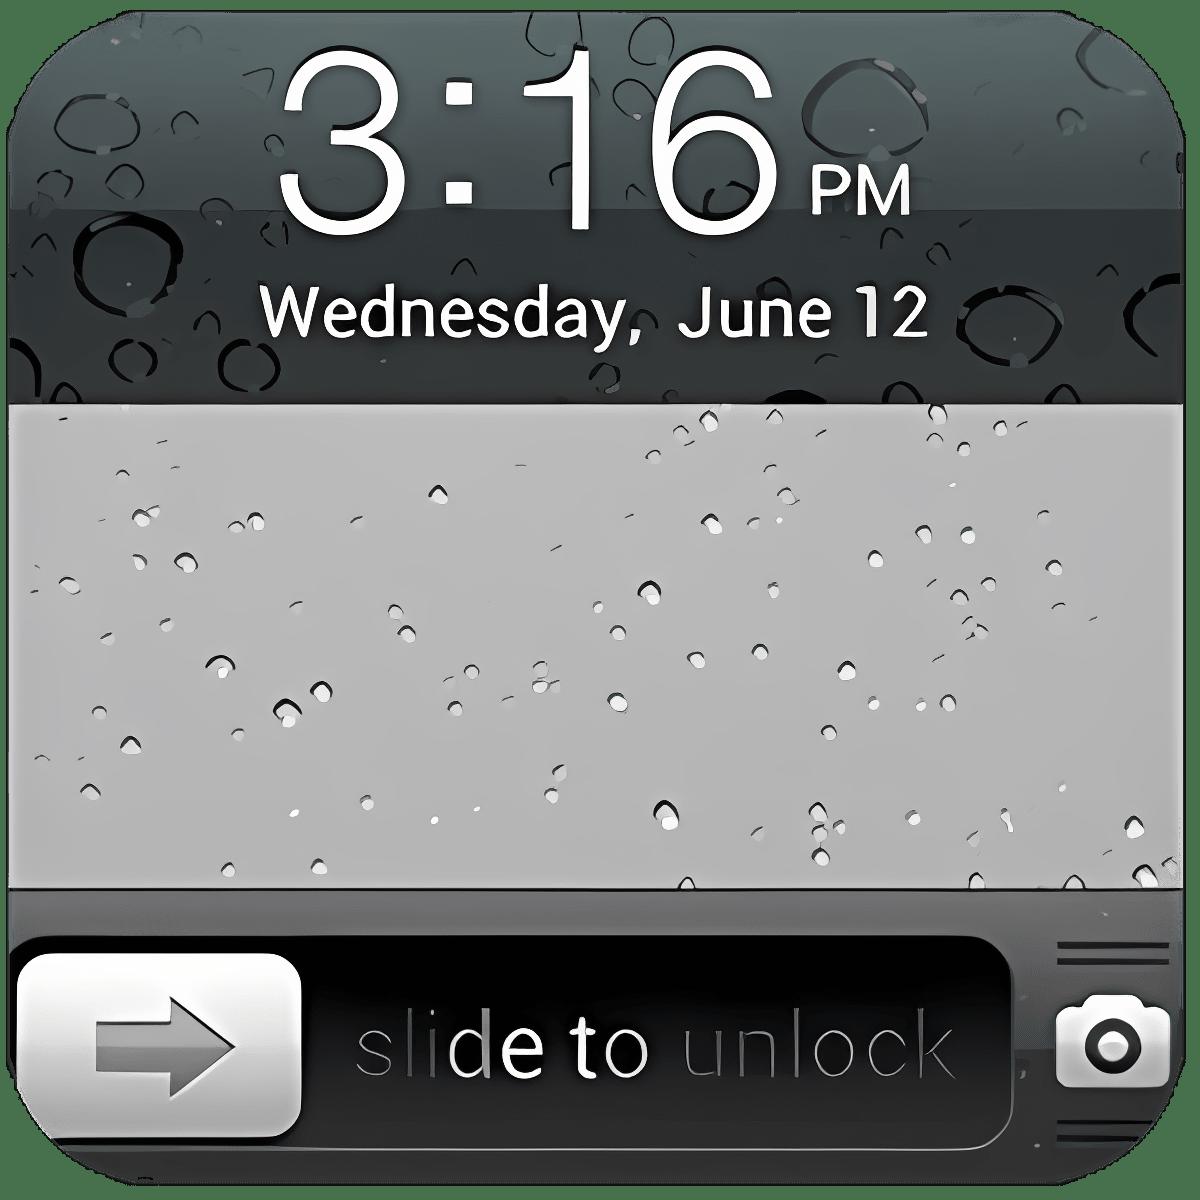 iPhone 5s Lock Screen 3.90